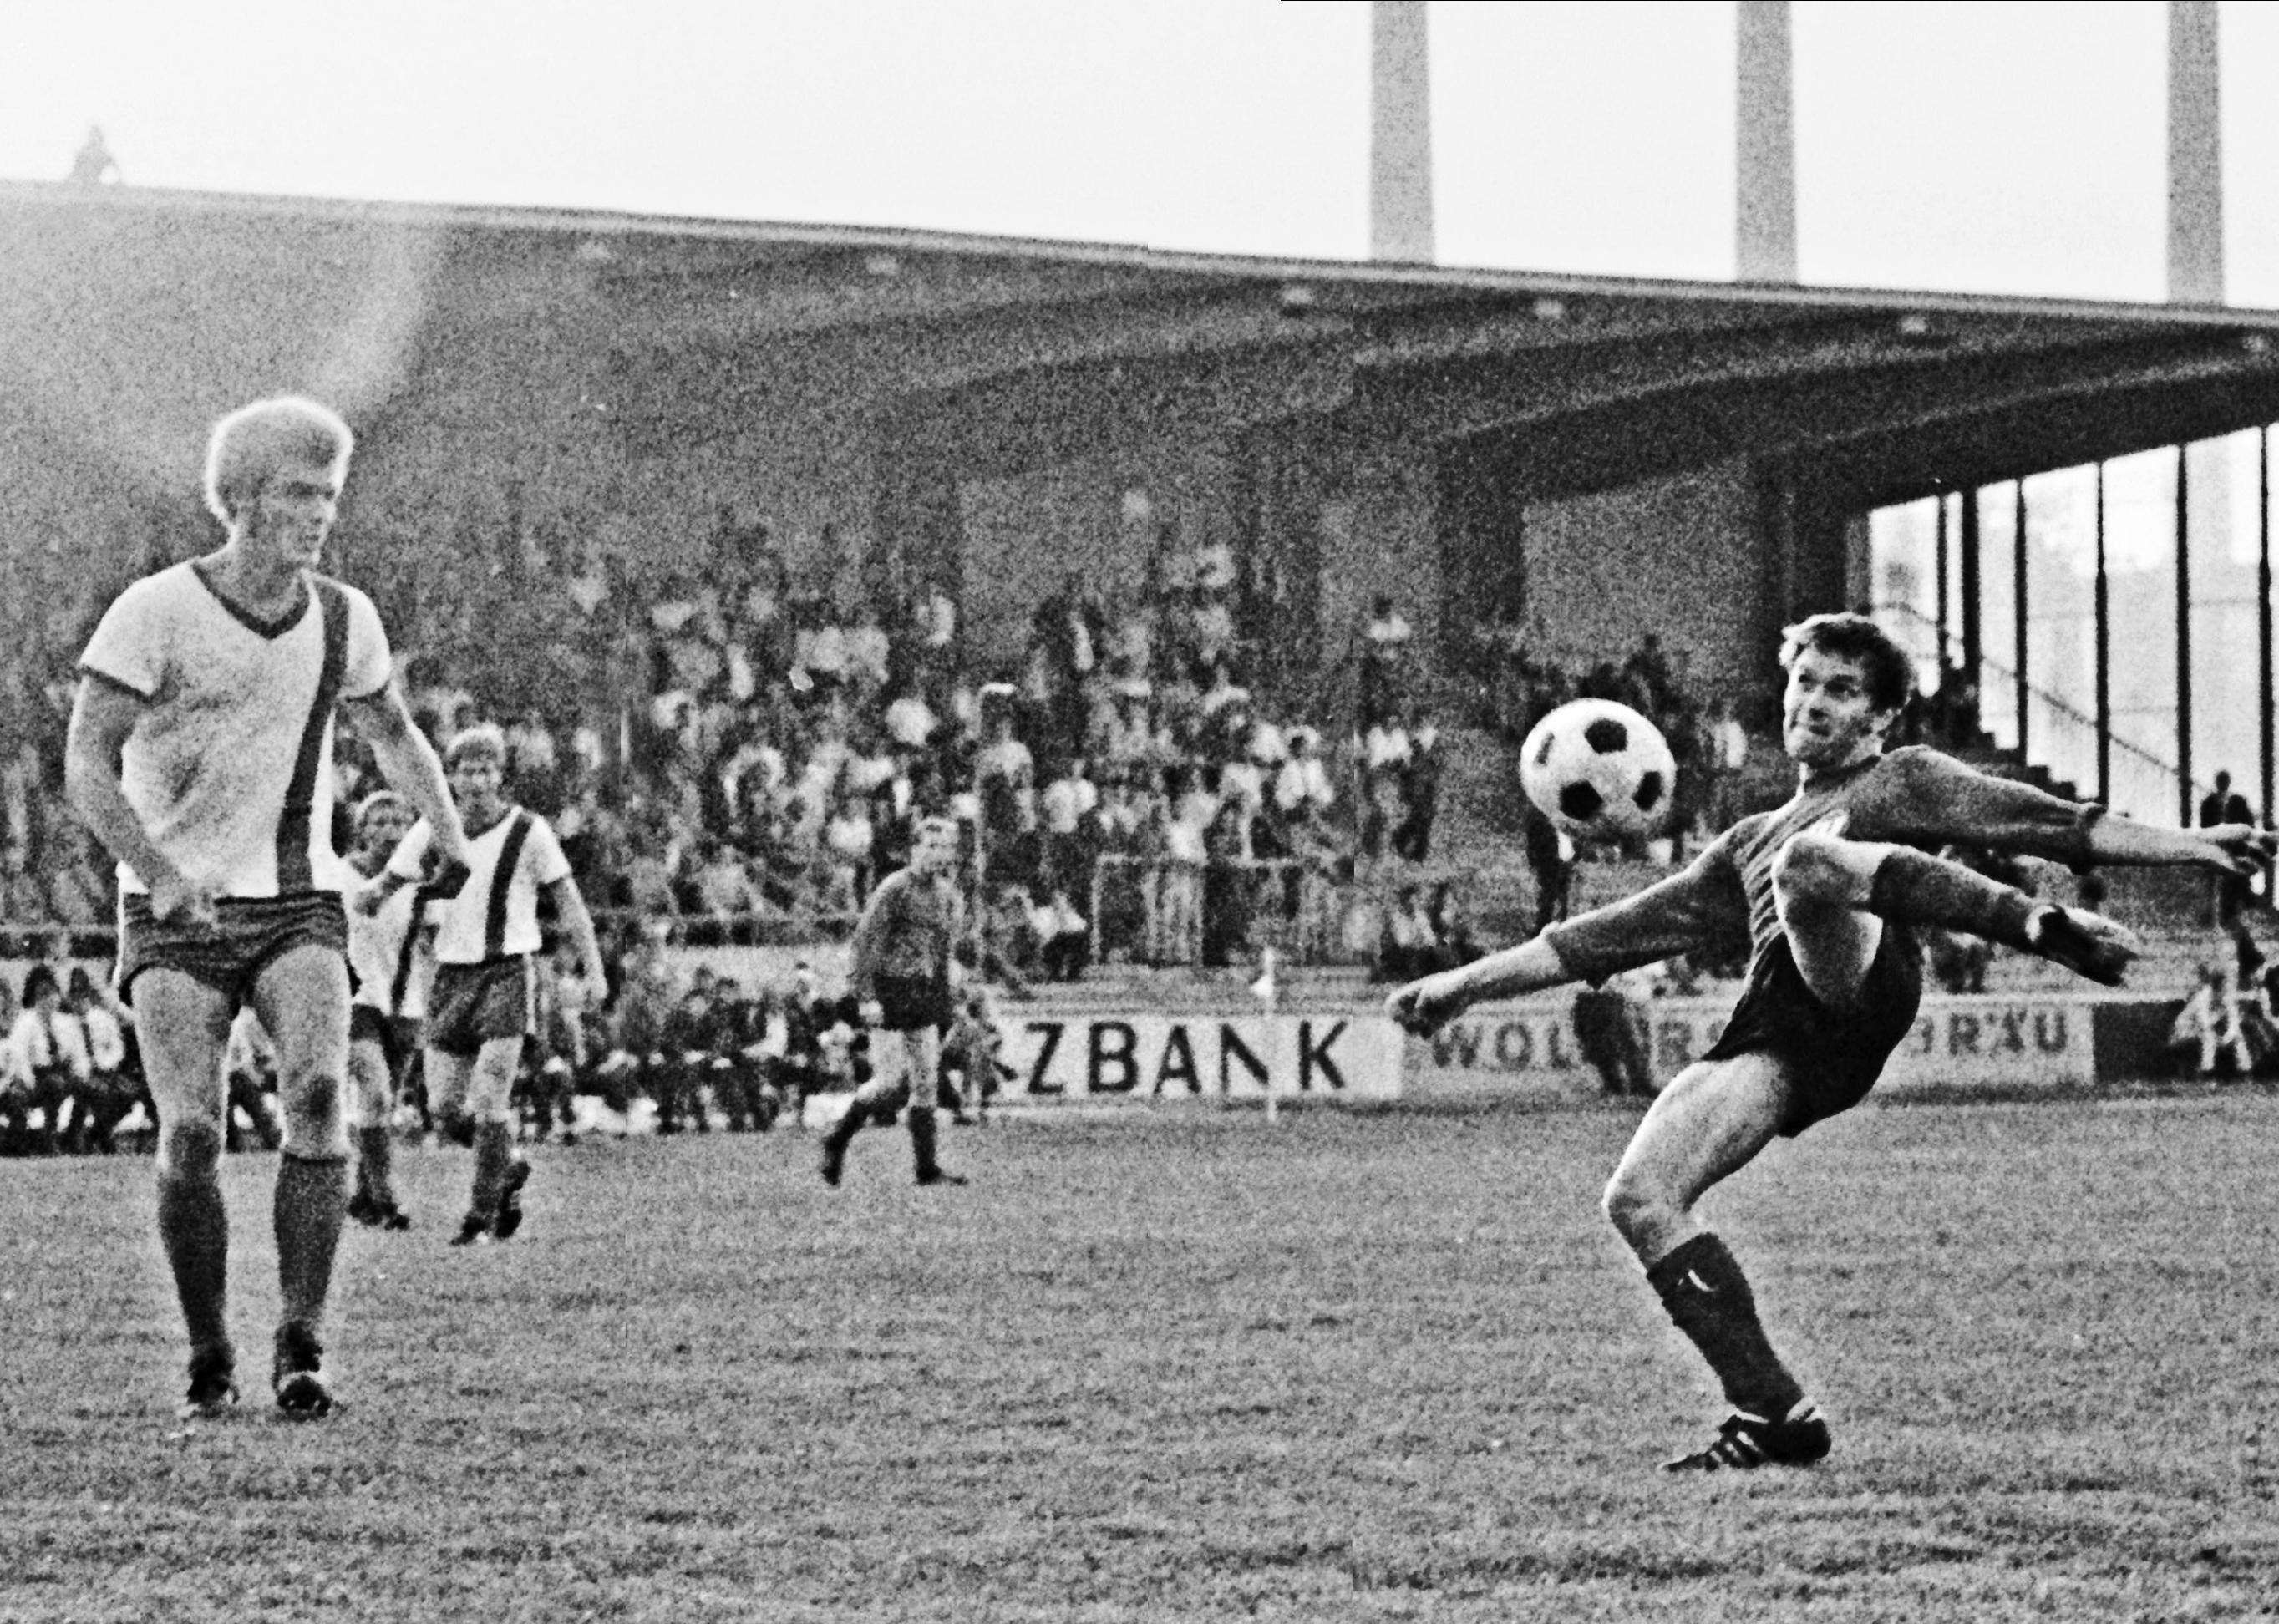 """Funkturm: Zehlendorfs 1,96 Meter großer Libero Uwe Kliemann (links), Spitzname """"Funkturm"""", gehörte nicht nur wegen seiner Körpergröße zu den herausragenden Spielern der Aufstiegsrunde. Wie sein Teamkollege Wolfgang Sühnholz hatte er bereits einen Bundesliga-Vertrag bei Rot-Weiß Oberhausen in der Tasche - und wurde später bei Eintracht Frankfurt und Hertha BSC zu einem der besten deutschen Verteidiger. Anschließend arbeitete er unter anderem bei Eintracht Braunschweig und dem VfL Wolfsburg als Jugend- und Co-Trainer, überall war er nie um einen guten Spruch verlegen - und ist es bis heute nicht. Auf mögliche Prämien in der Aufstiegsrunde 1970 angesprochen, sagt er trocken: """"Verglichen mit den jetzigen Gehältern haben wir nicht für Peanuts gespielt, sondern für Pferdekacke..."""""""